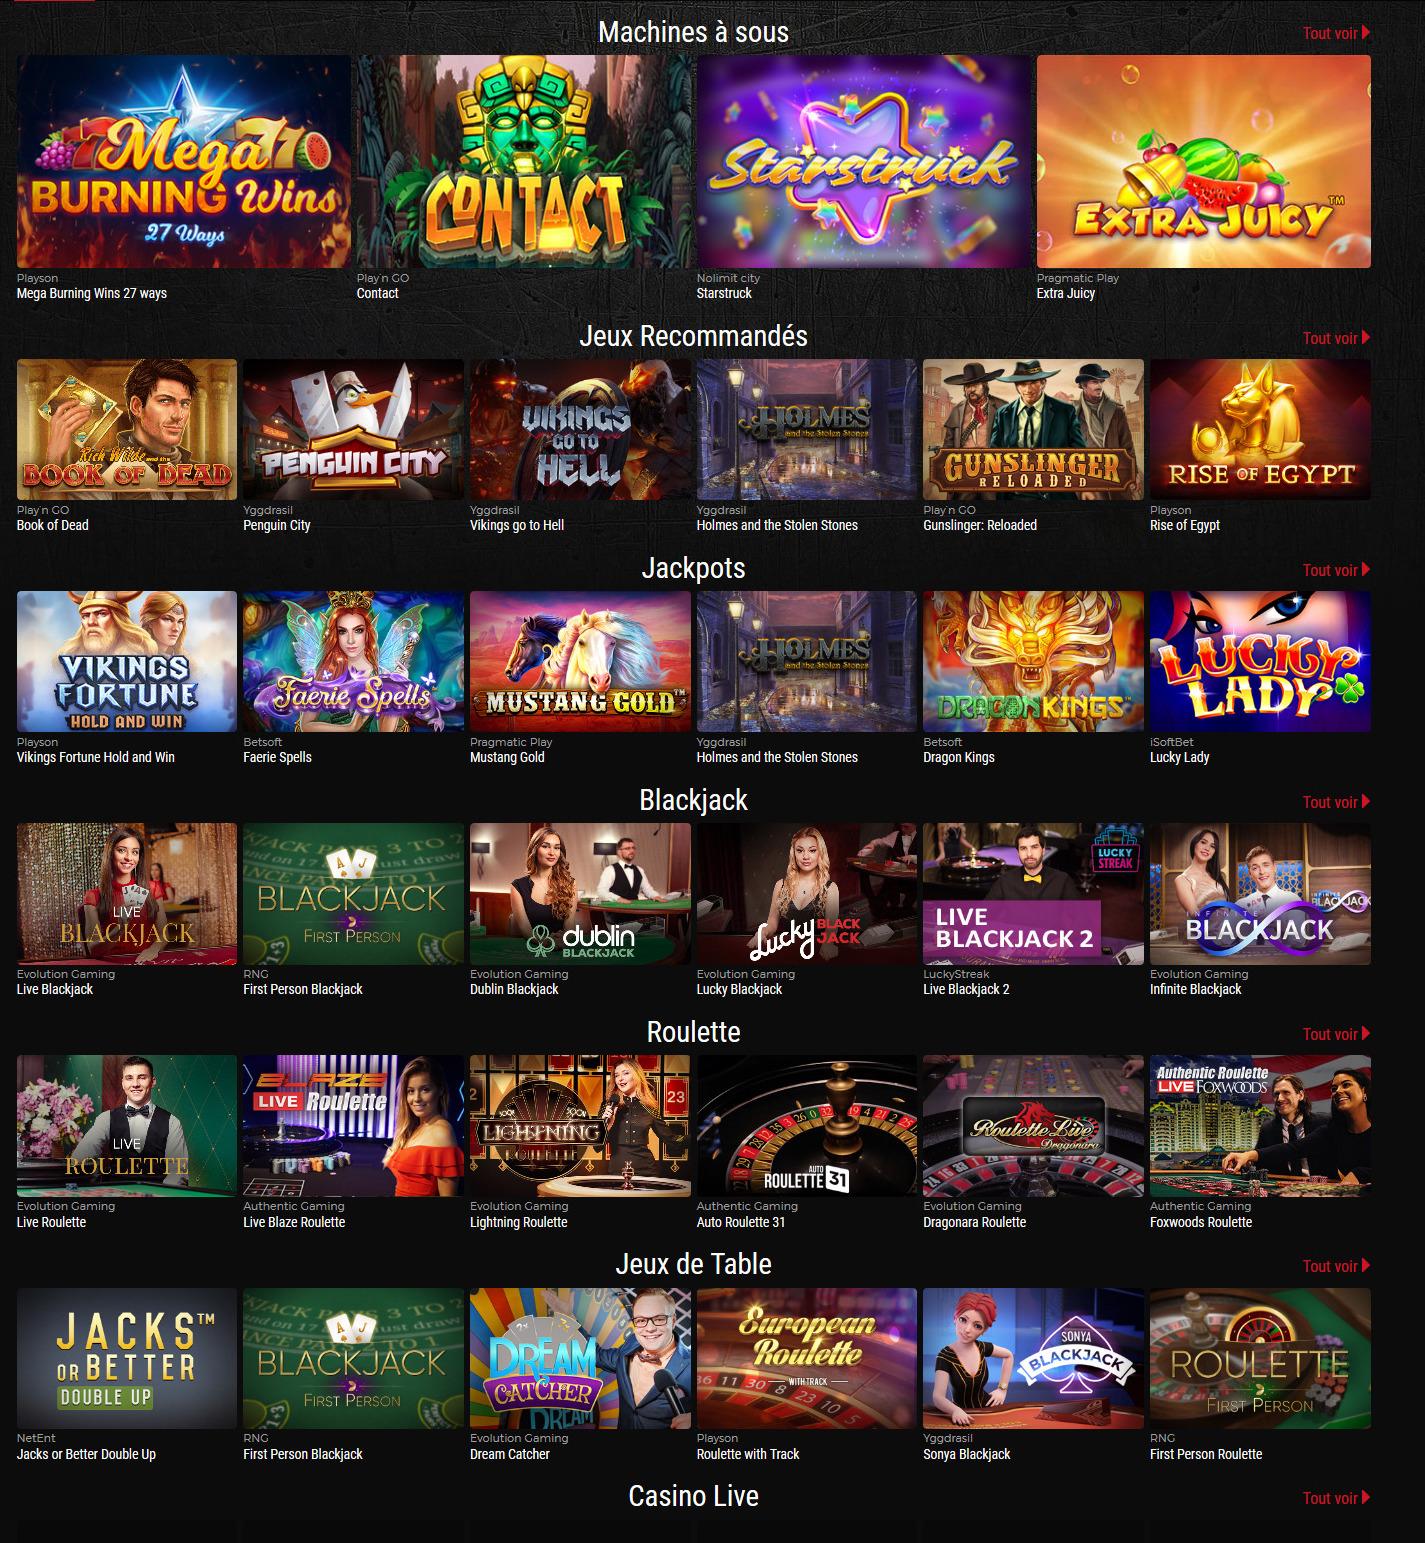 quelques jeux du casino GROS PATRON